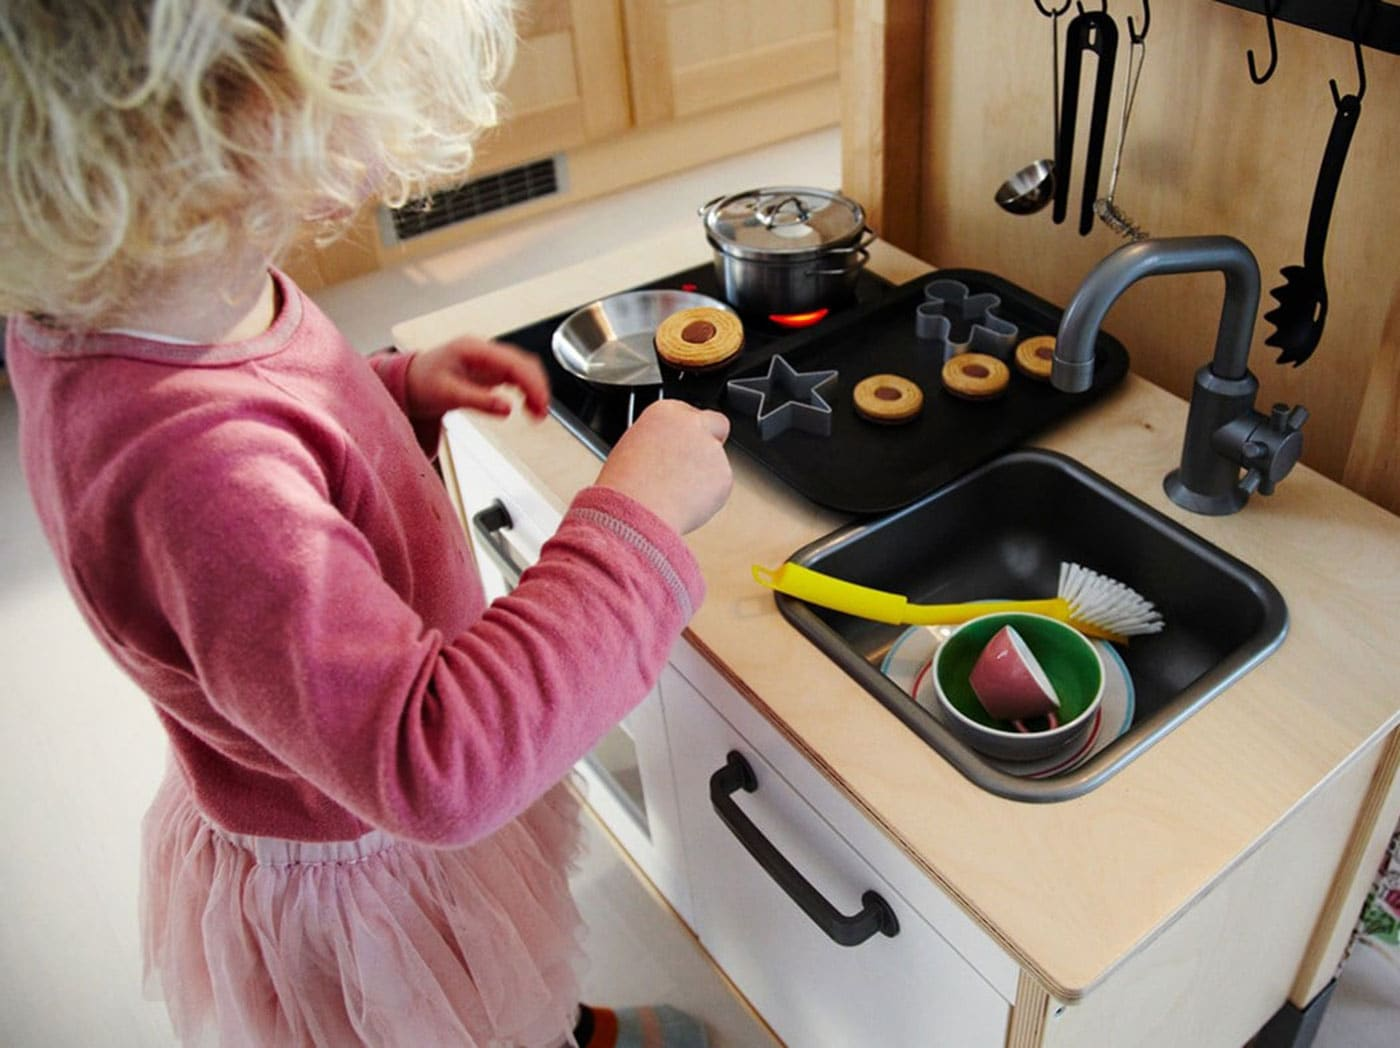 Malá holčička stojí u dětské kuchyně a vaří.